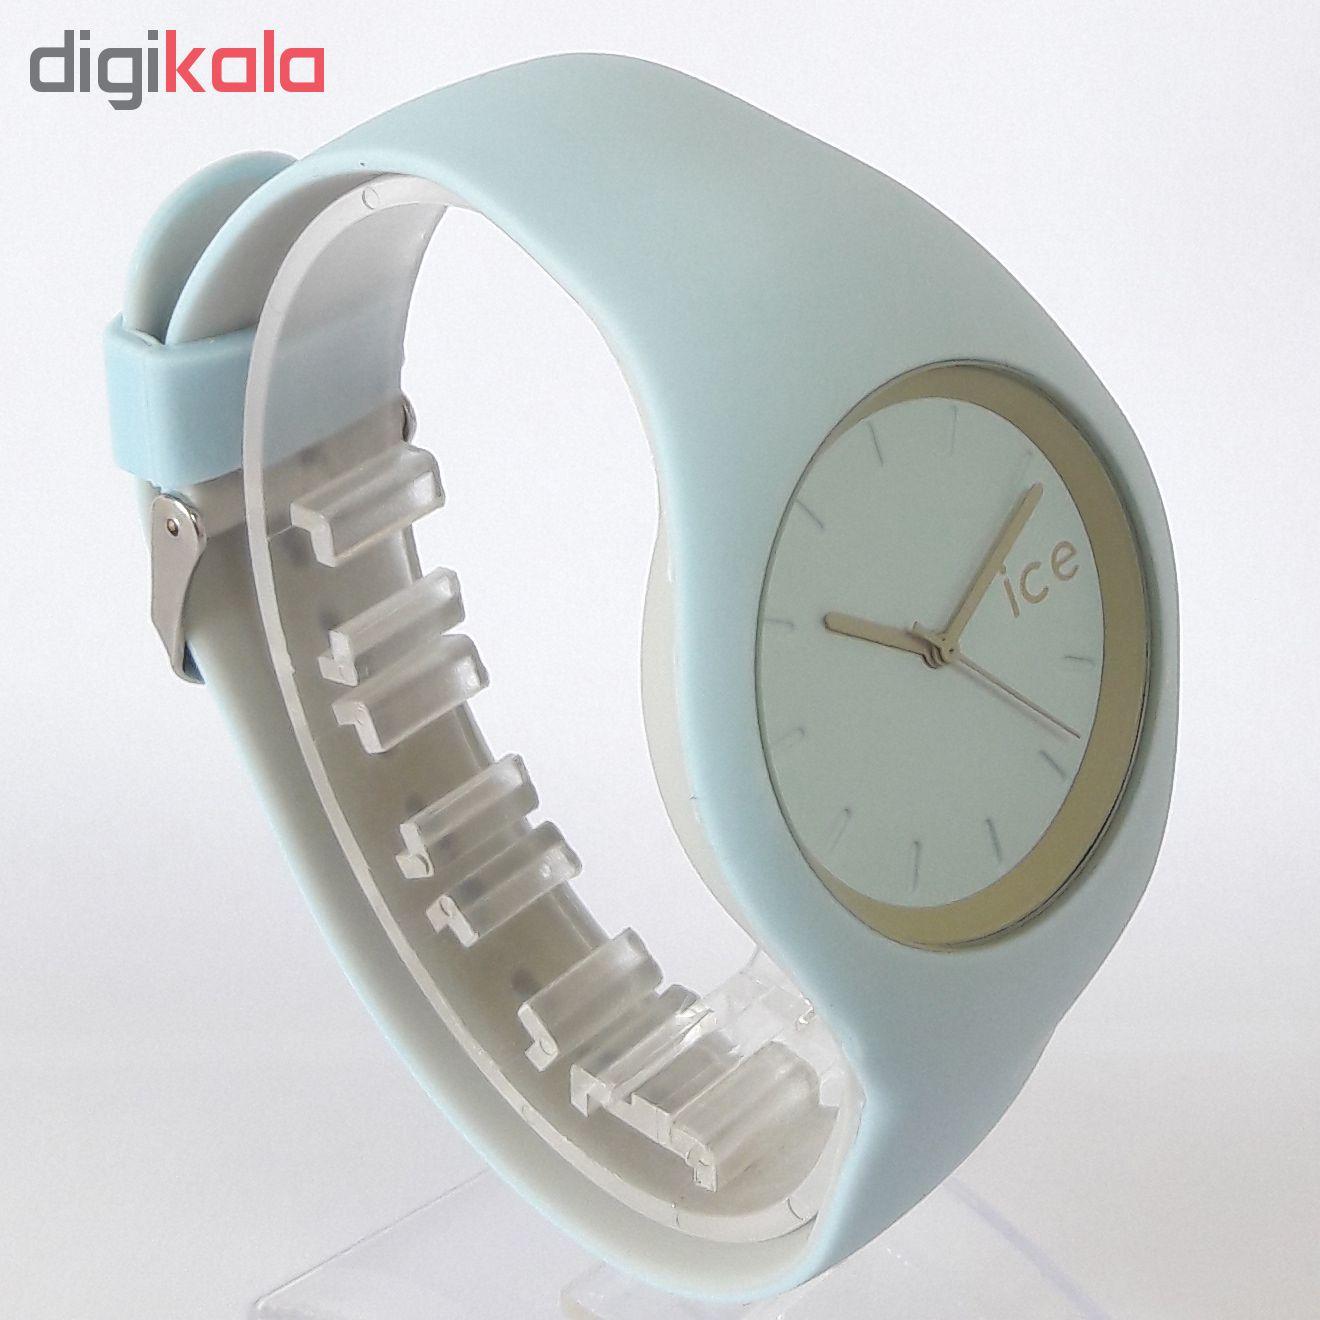 ساعت مچی عقربه ای زنانه مدل IS 9553 / AB-TO به همراه دستمال مخصوص نانو برند کلیر واچ